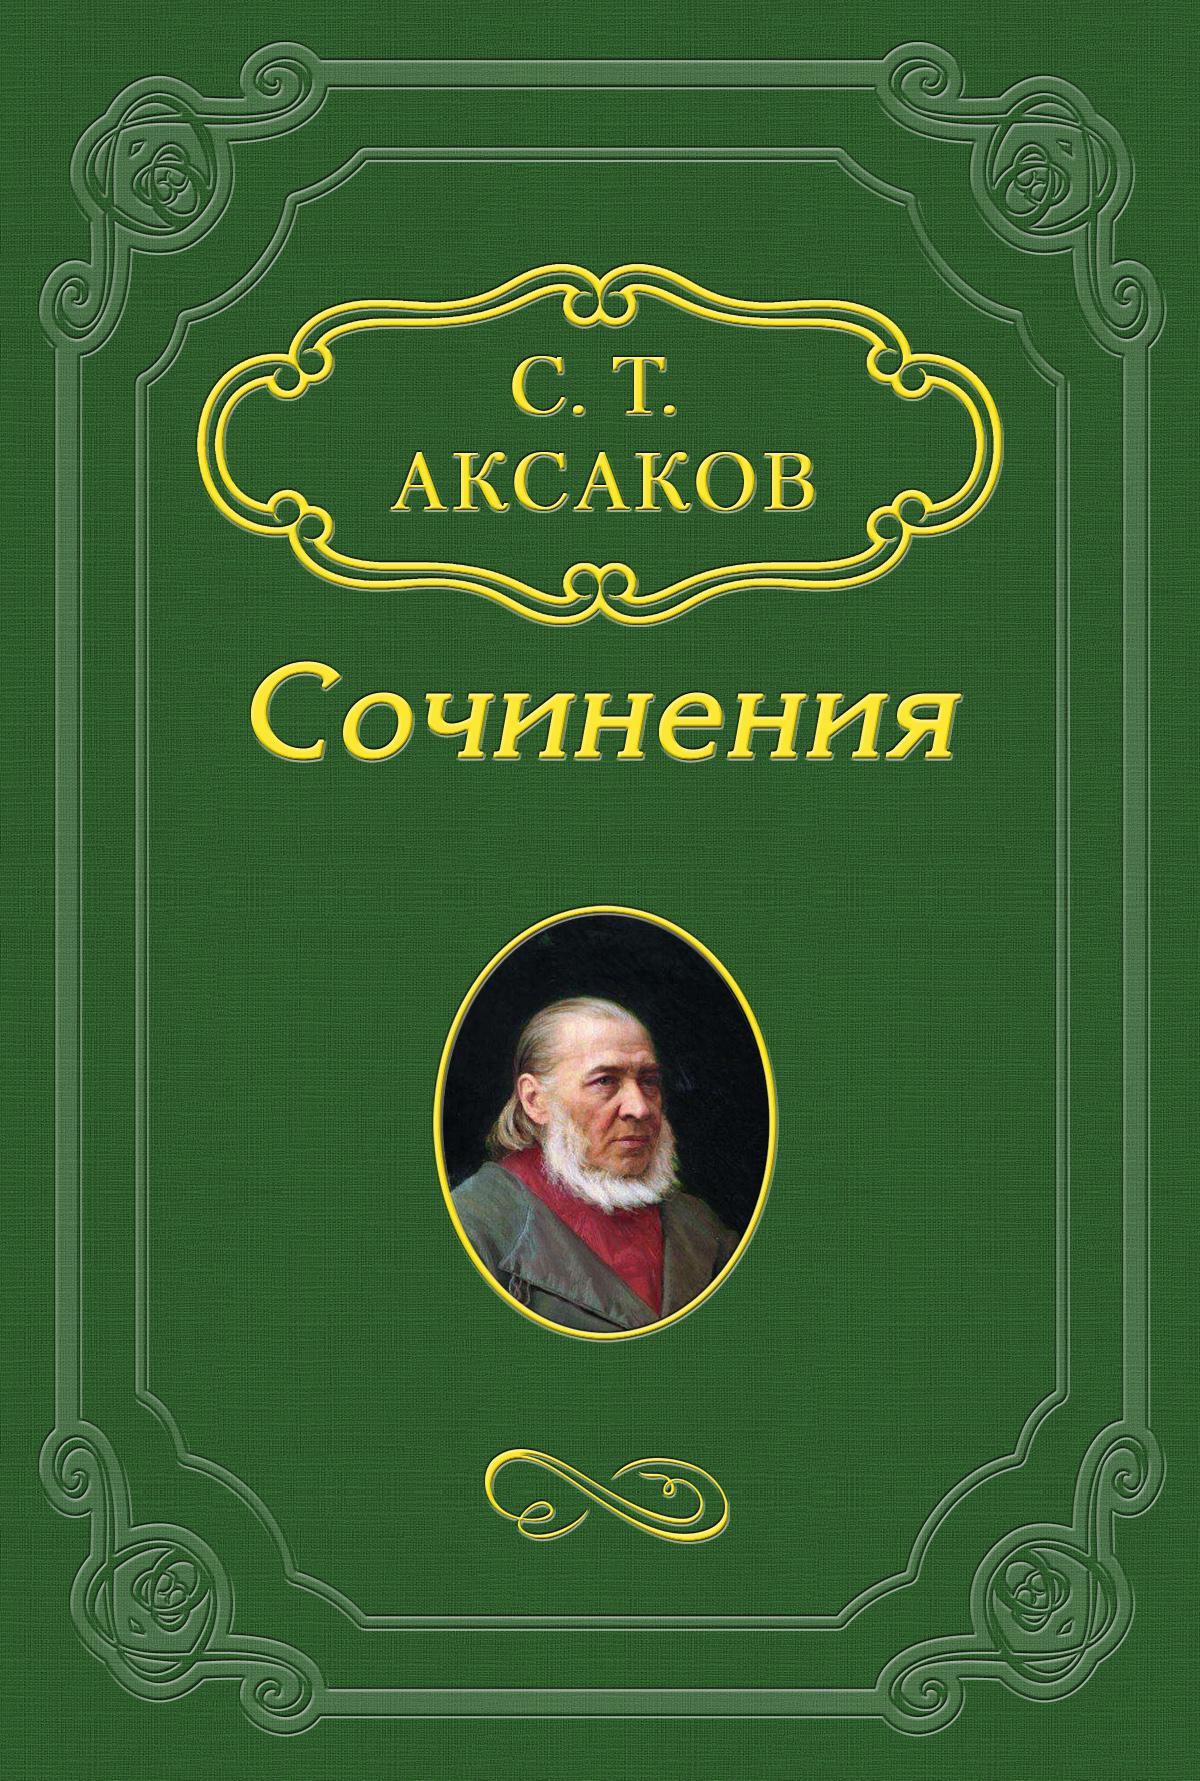 Сергей Аксаков «Севильский цирюльник», «Ворожея, или Танцы духов» севильский цирюльник